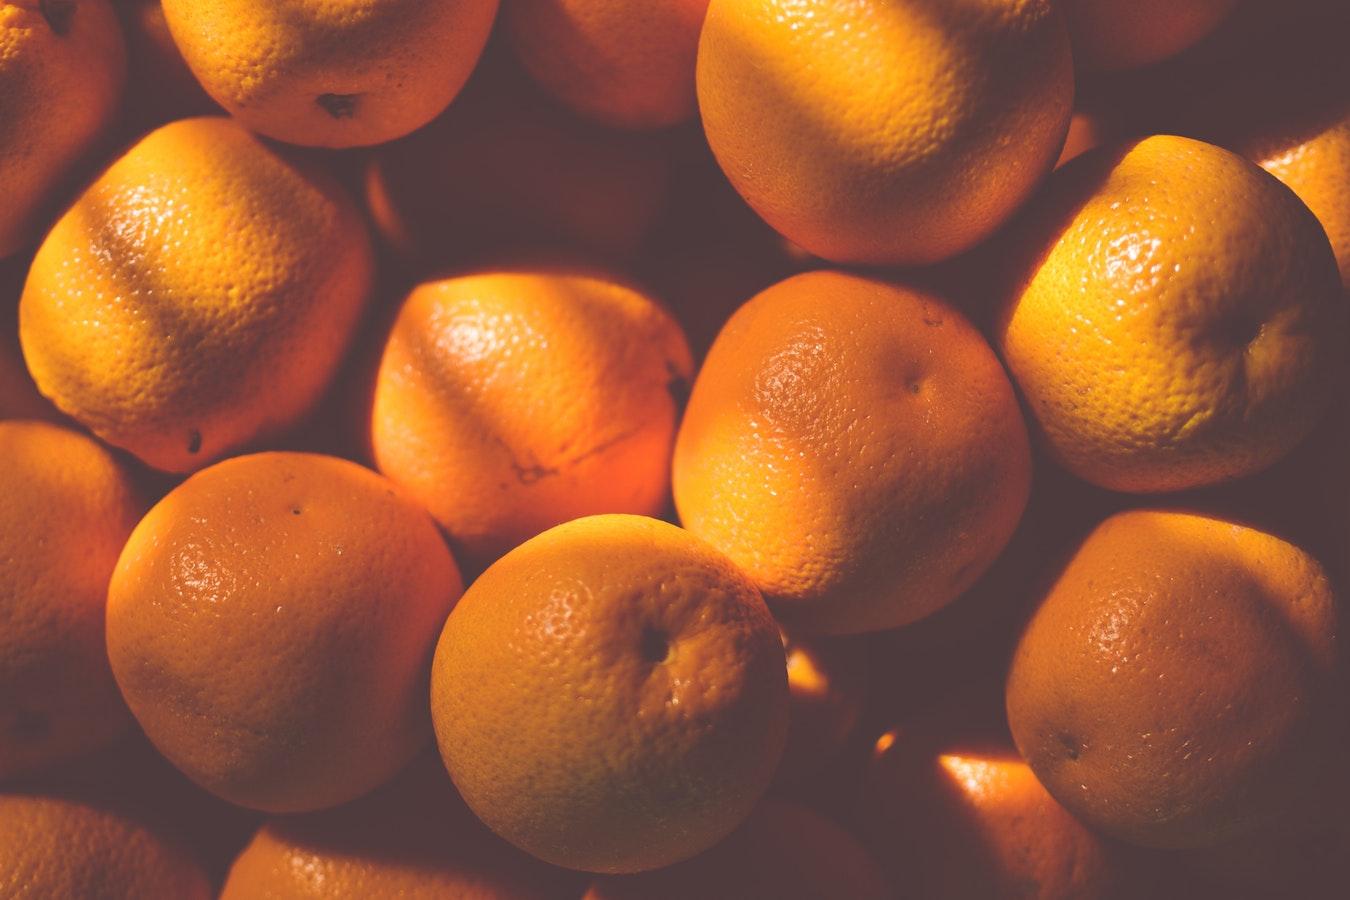 Апельсин, оранжевый, цитрусовый